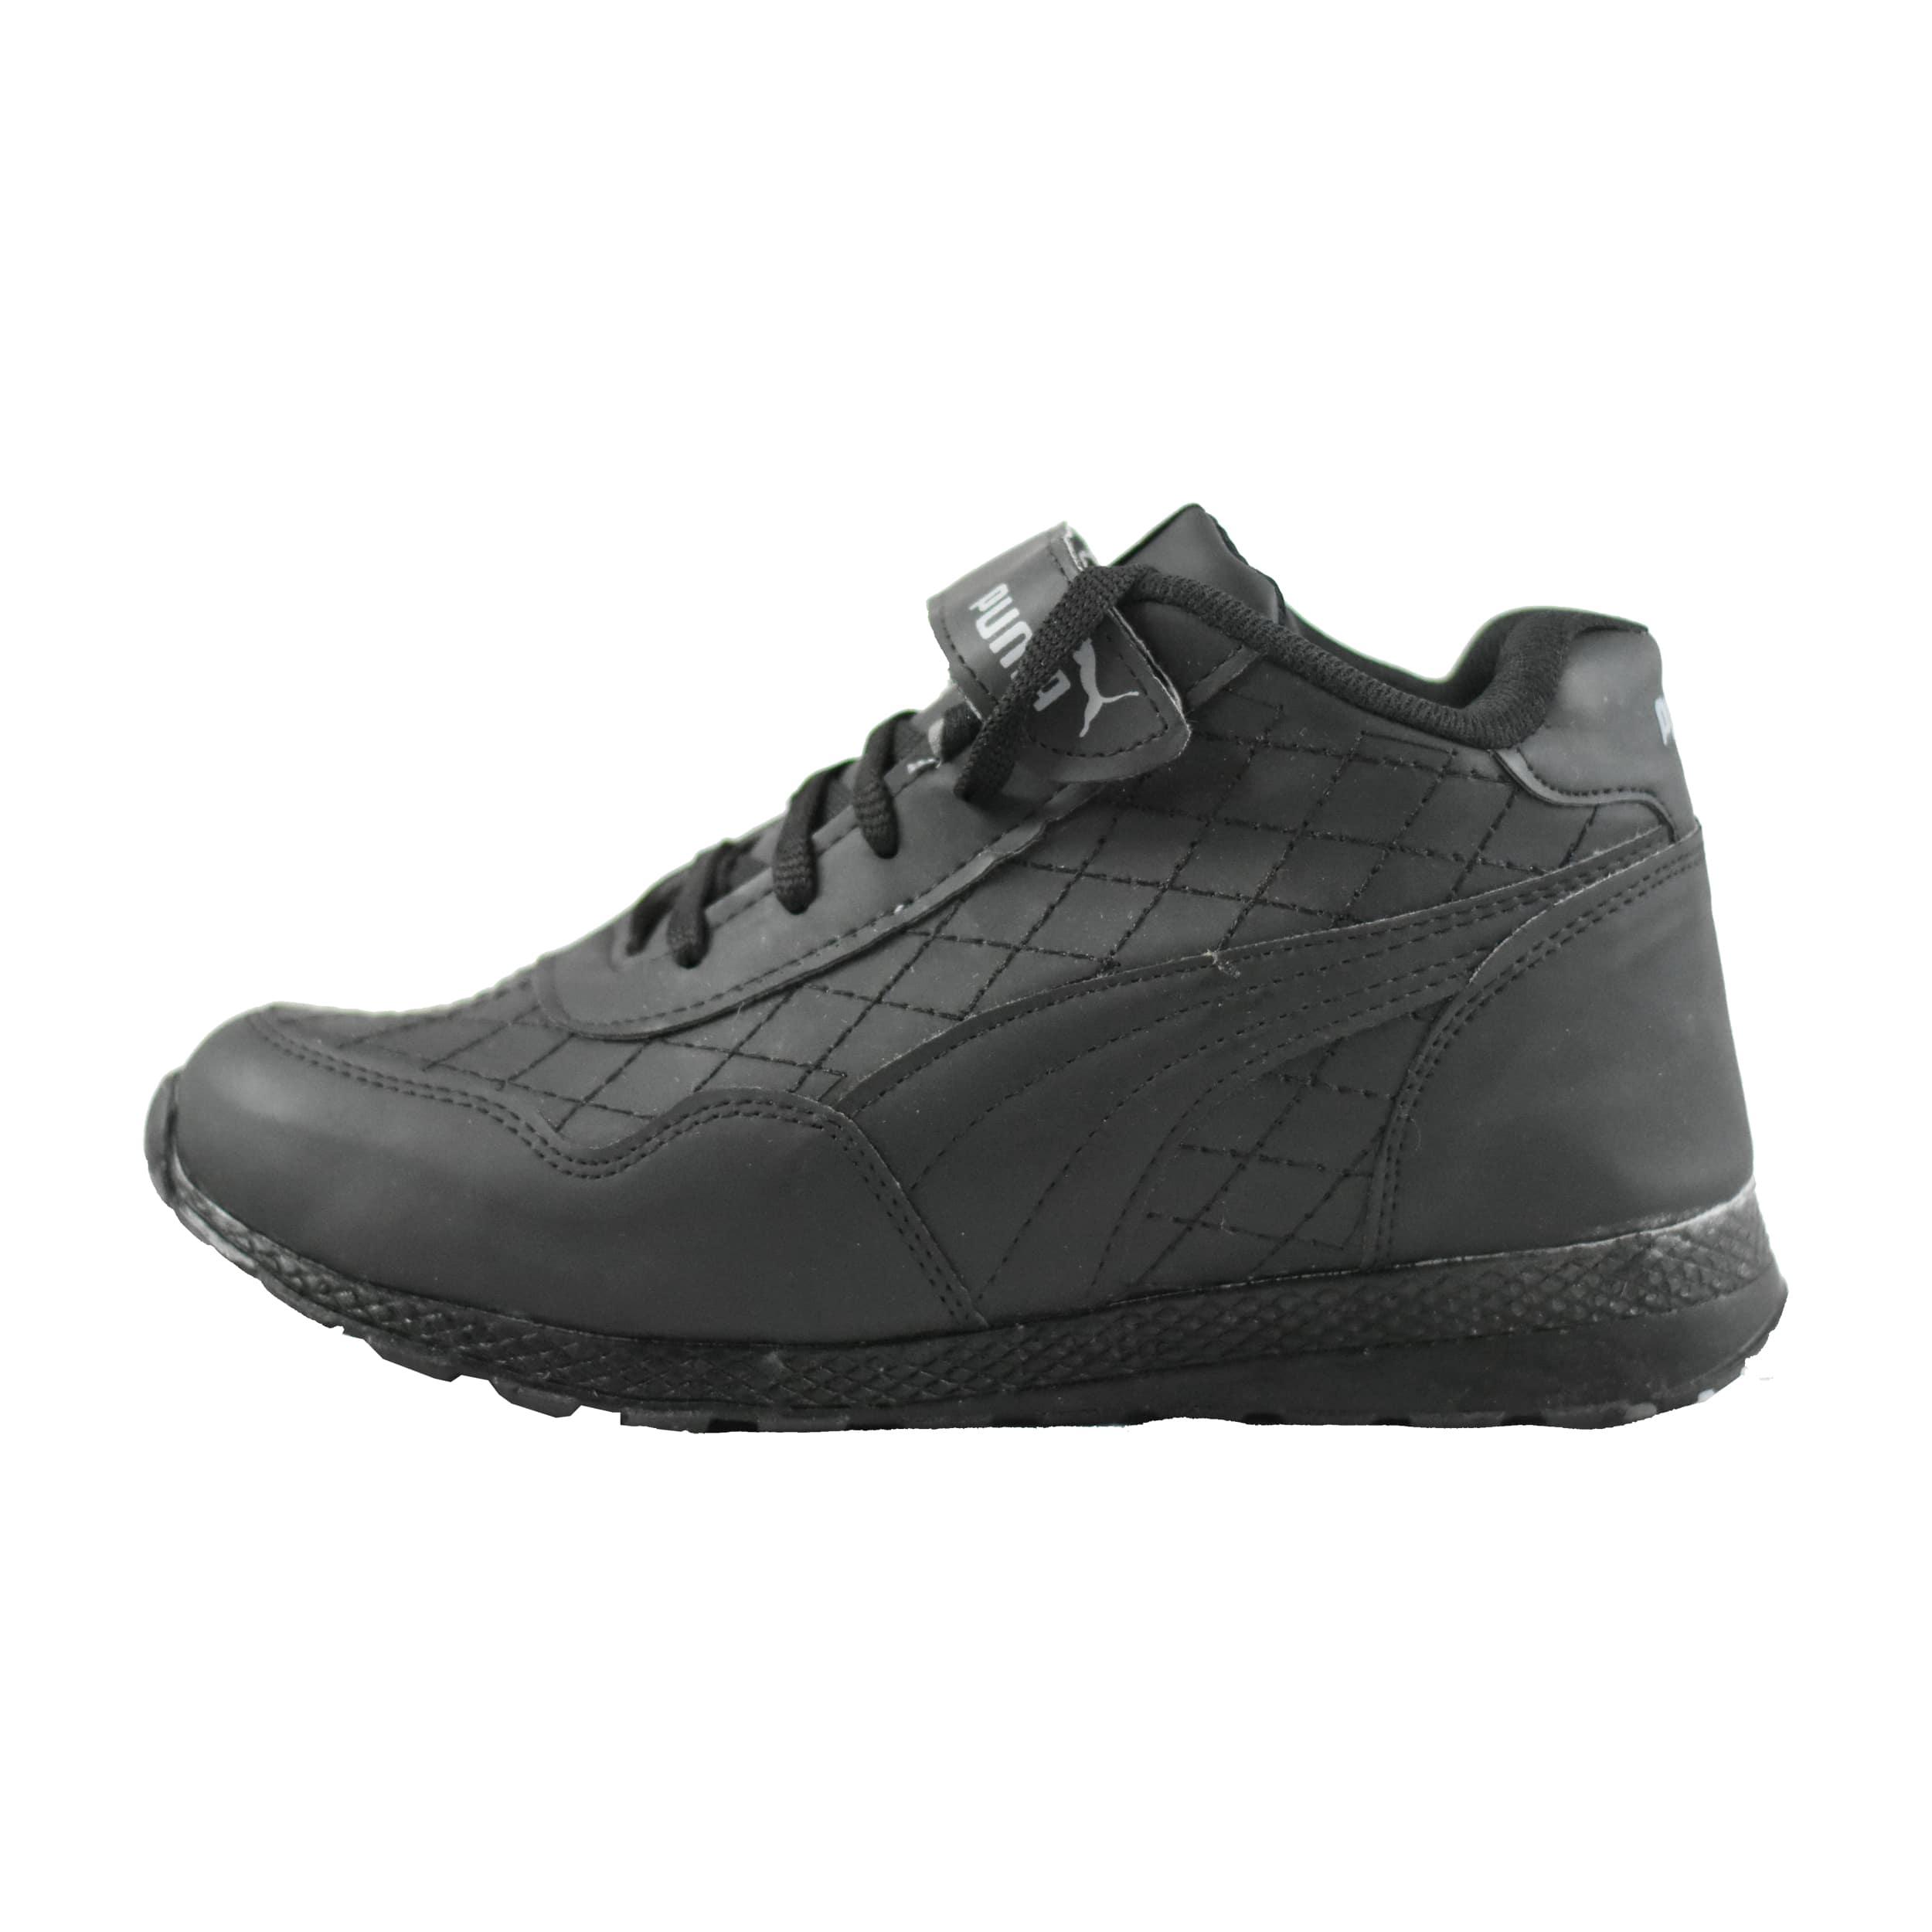 کفش مخصوص پیاده روی مردانه کد 185